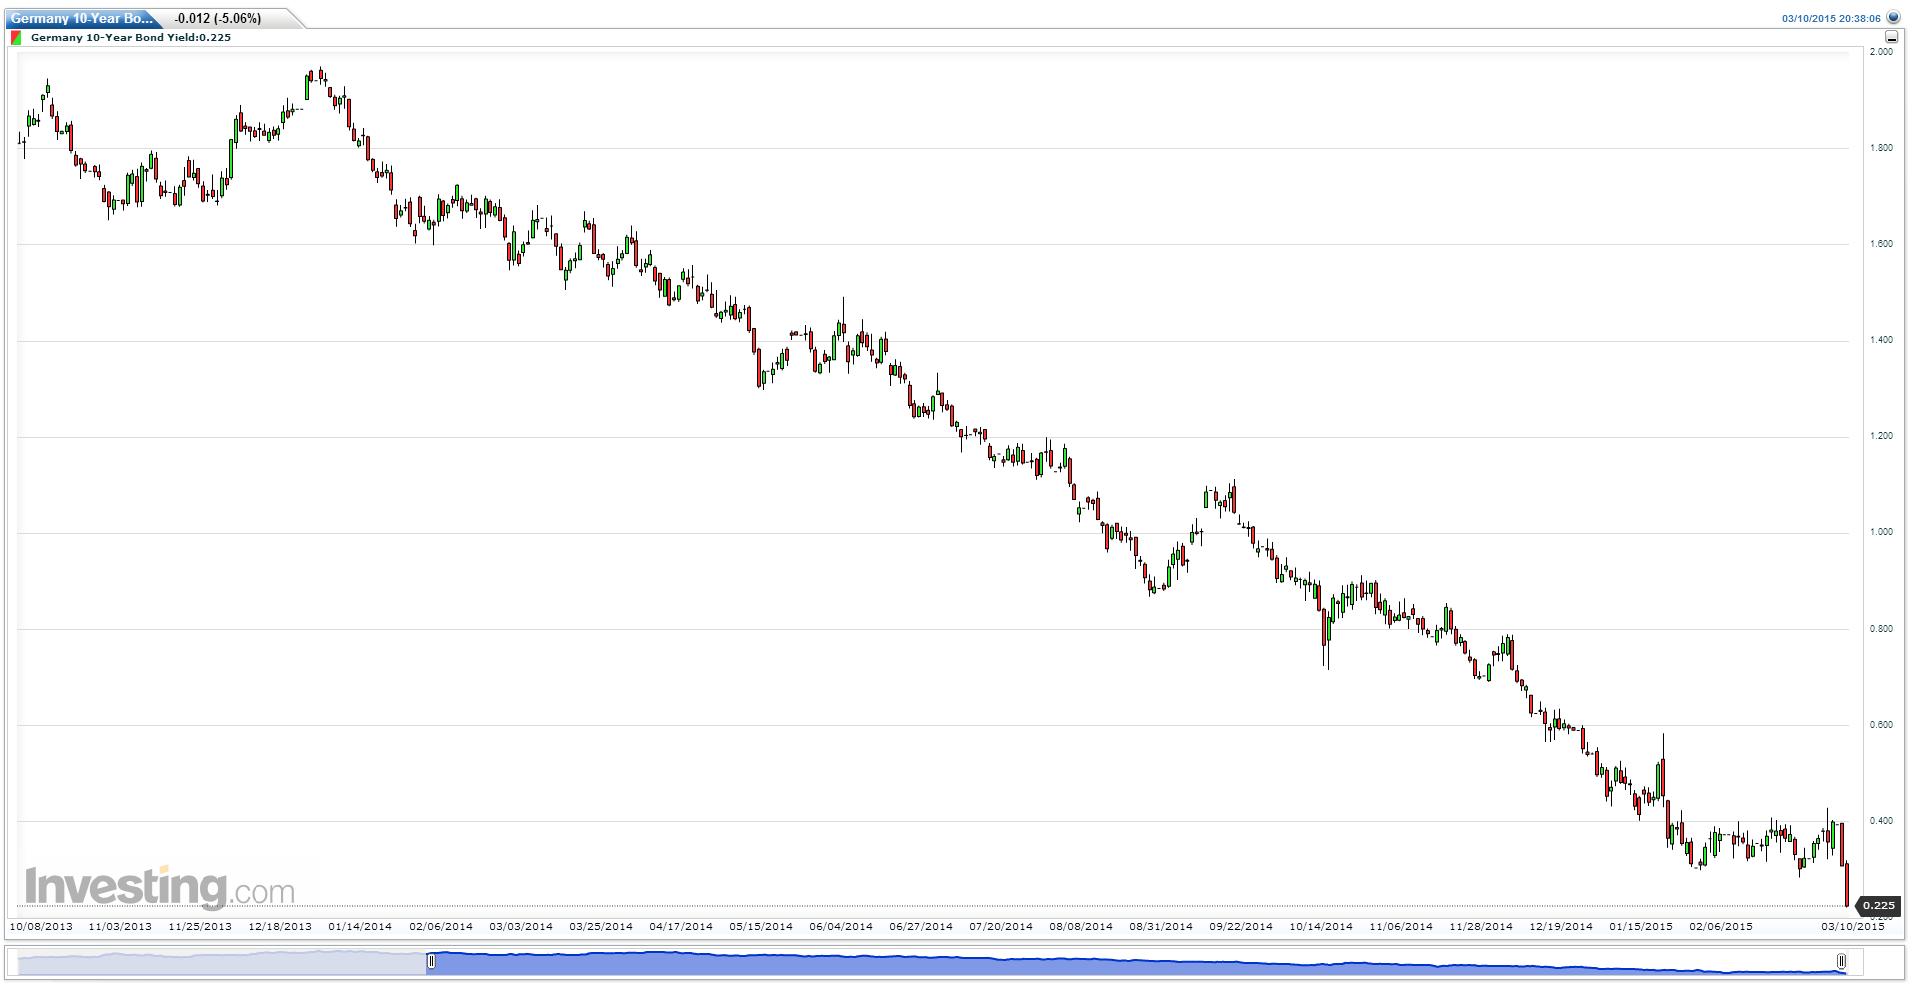 Inwestorzy kupują dolara i obligacje krajów Strefy Euro